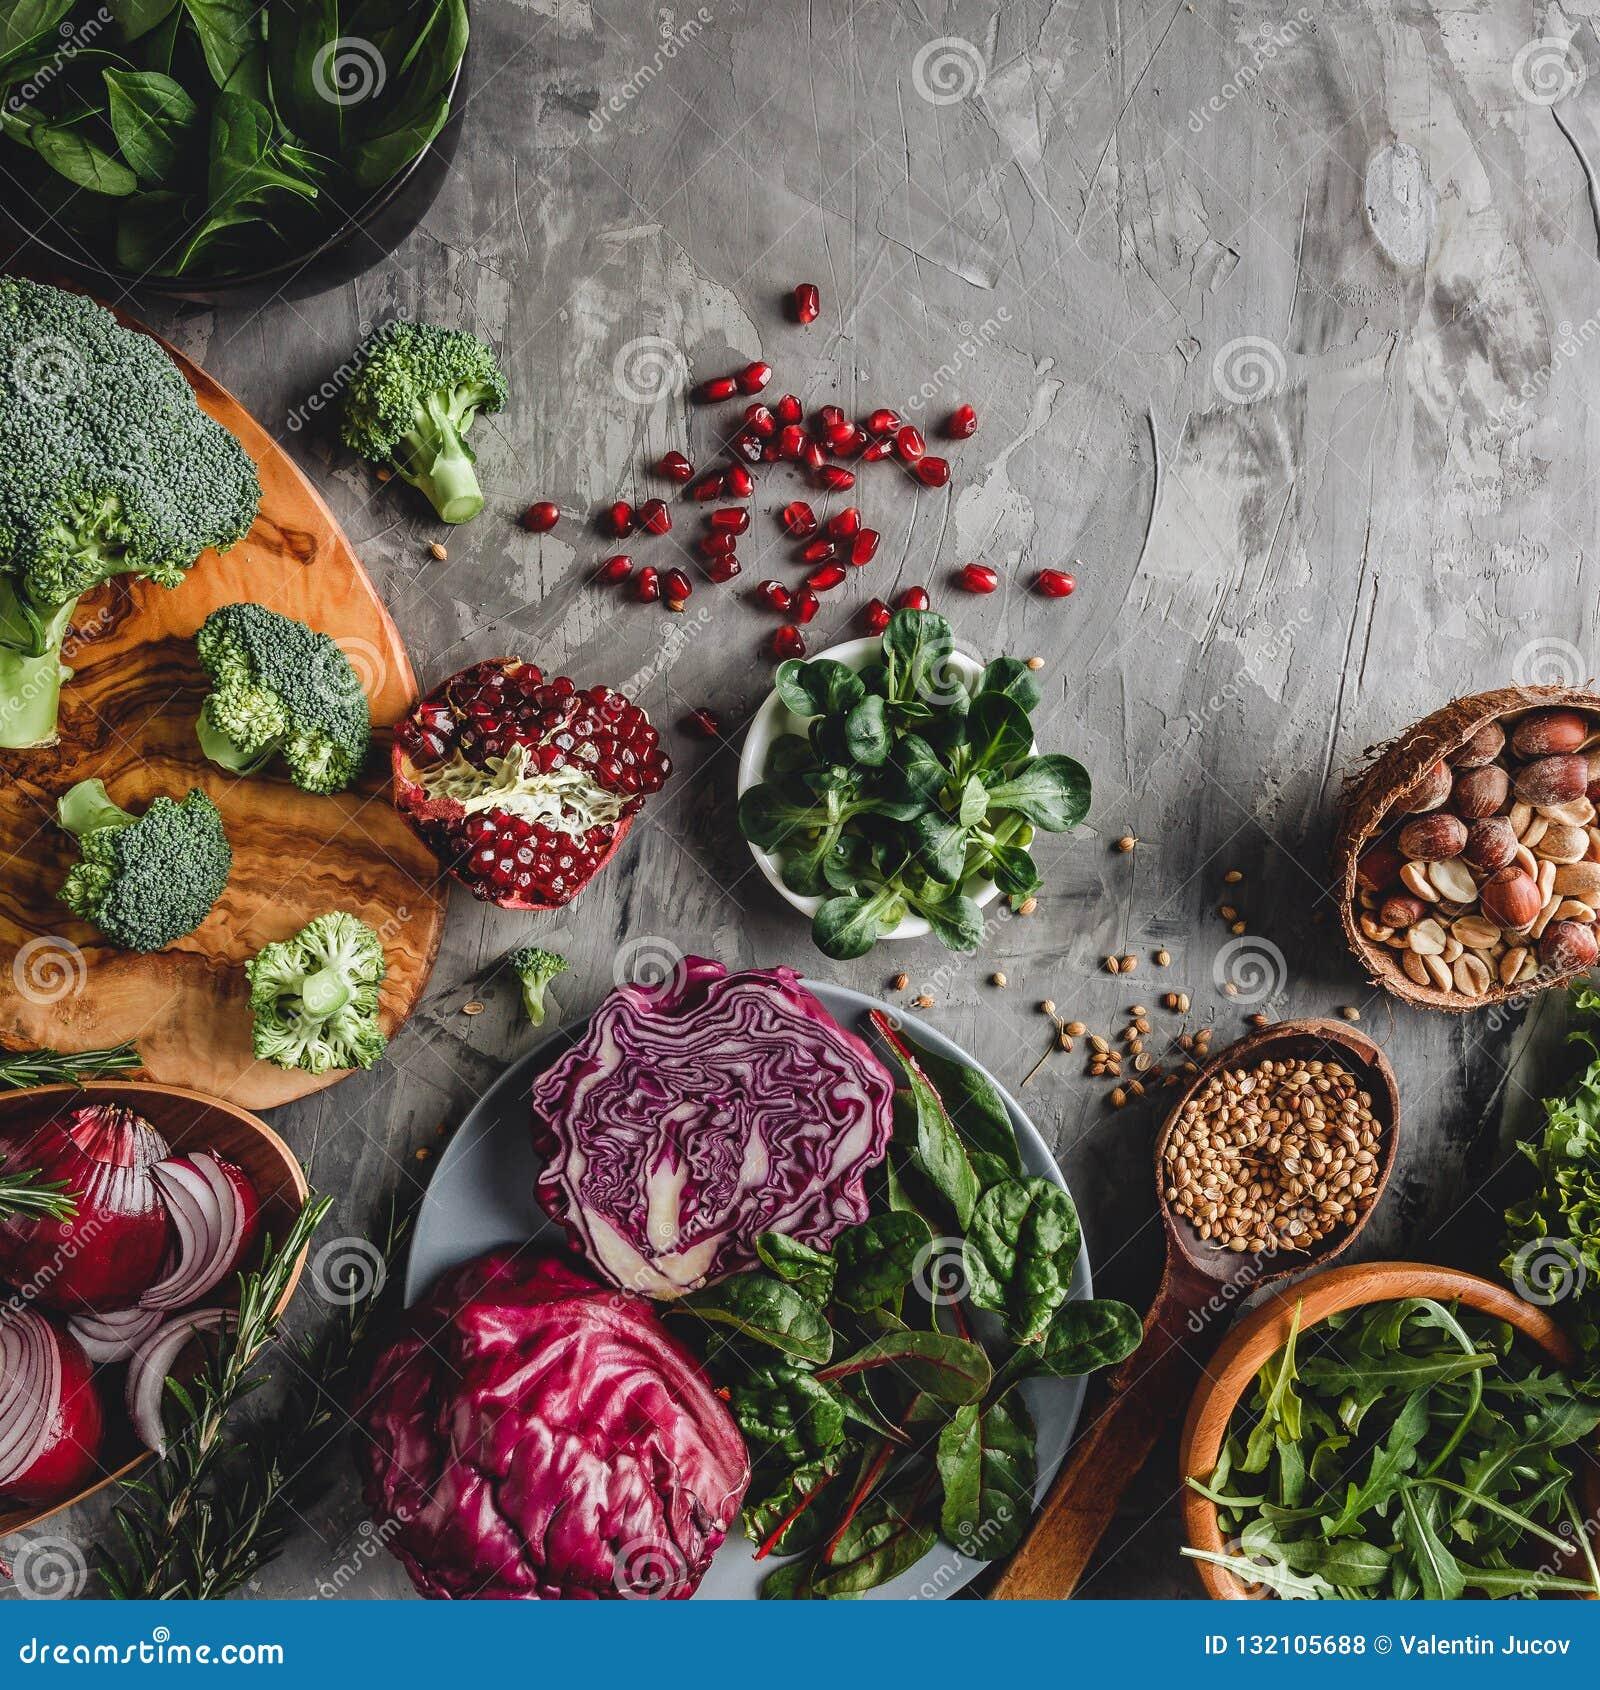 新鲜的有机农夫菜食物的分类烹调的素食主义者素食饮食和营养